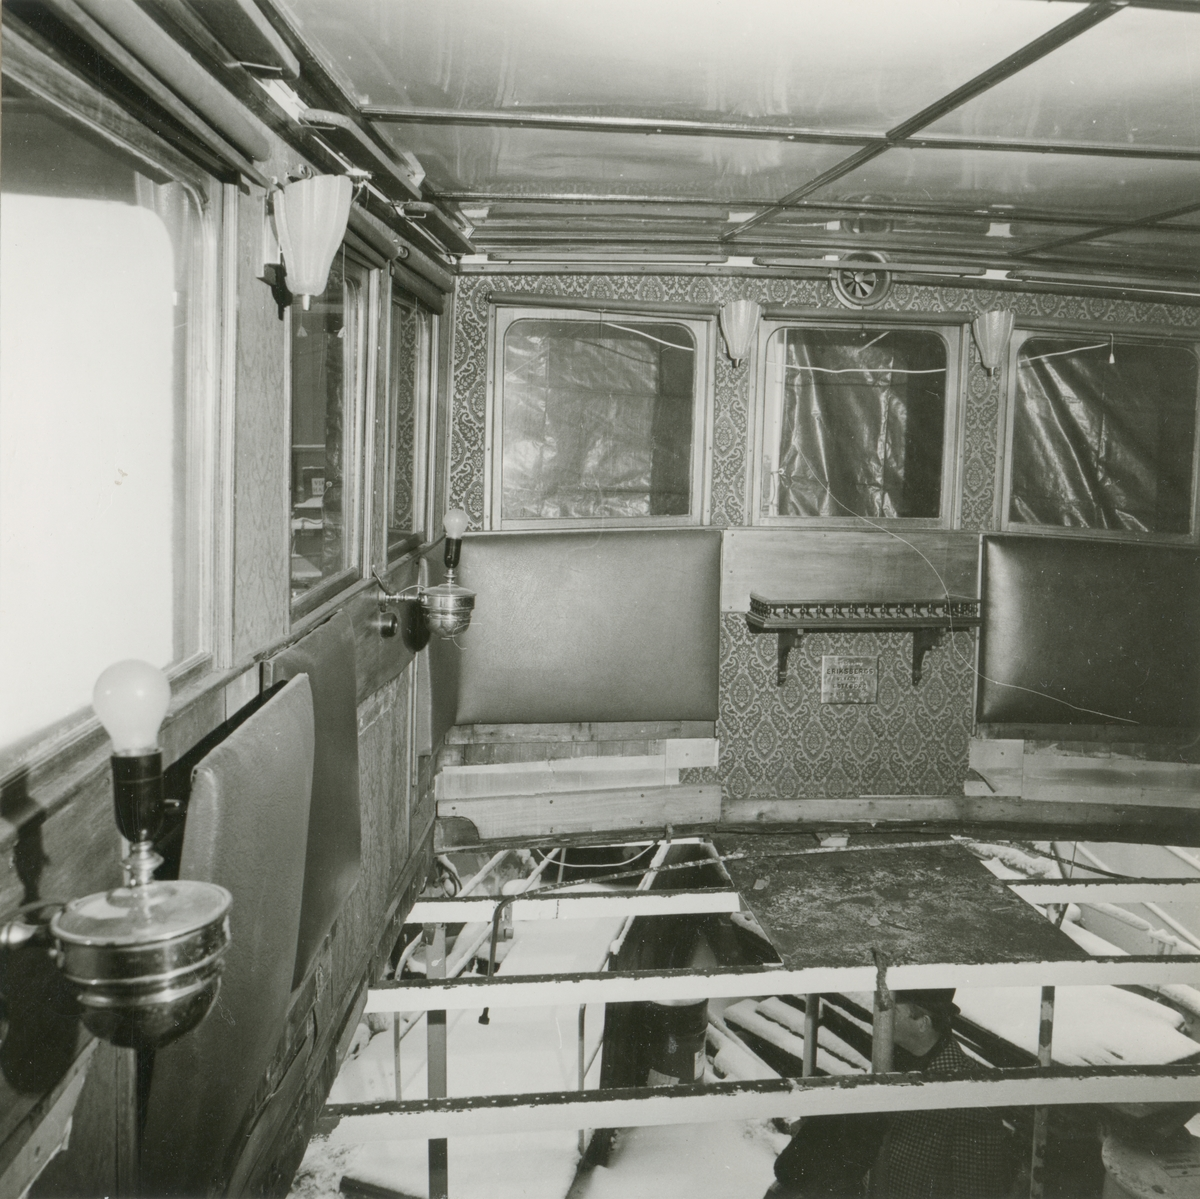 S/S Norrskär byggd år 1910 vid Nybrokajen, Stockholm den 20:e december. 1983 omfattande reparationsarbeten ombord. Matsalsrestaurering fördäck, matsalsdurk bortmonterad.